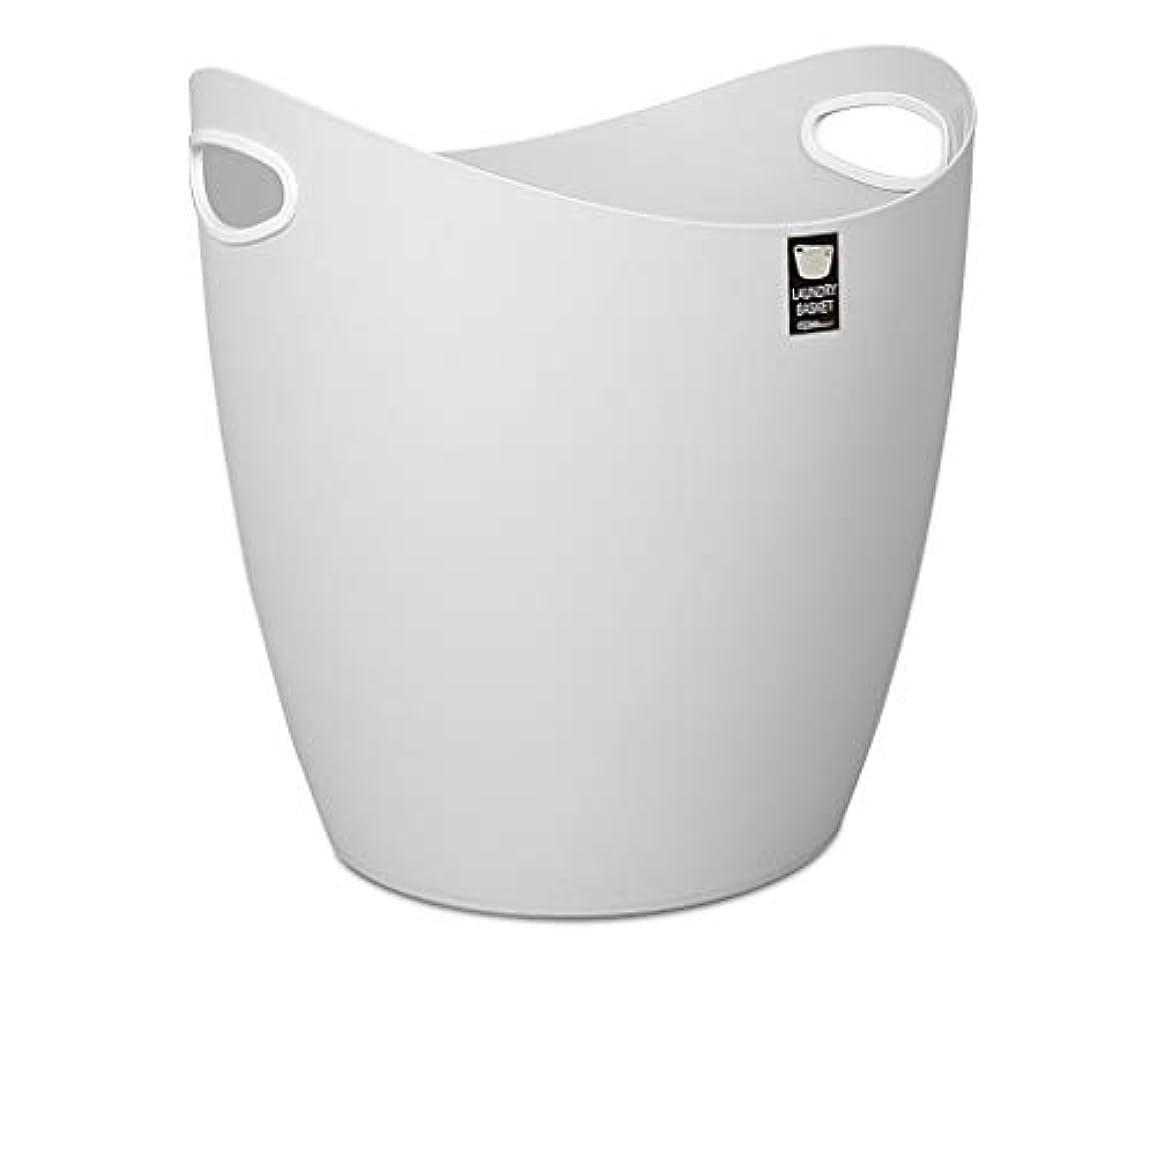 メガロポリスどちらもの前でSMMRB 汚れた洗濯かご、洗濯かご、家庭用収納かご、プラスチック製のバケツ、小中 (色 : Gray, サイズ さいず : M)